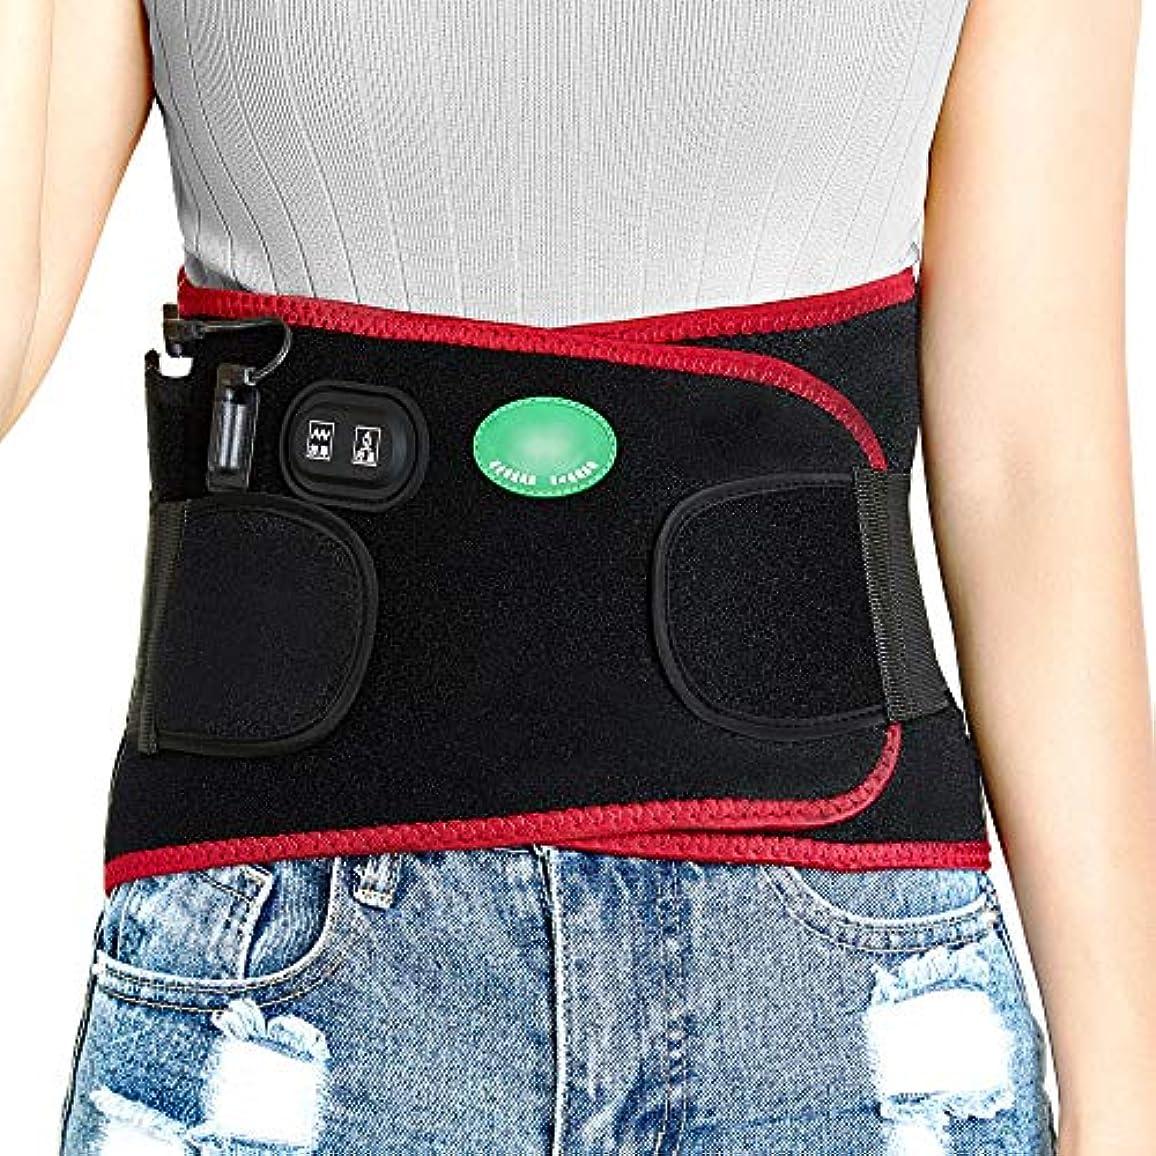 払い戻しブランド現実的腰用温熱ベルト 腰を支える 腰間盤際立っている 遠赤外線 腰椎の痛み緩和 3段階温度調節 充電式マッサージ振動する労損 熱をつける男女